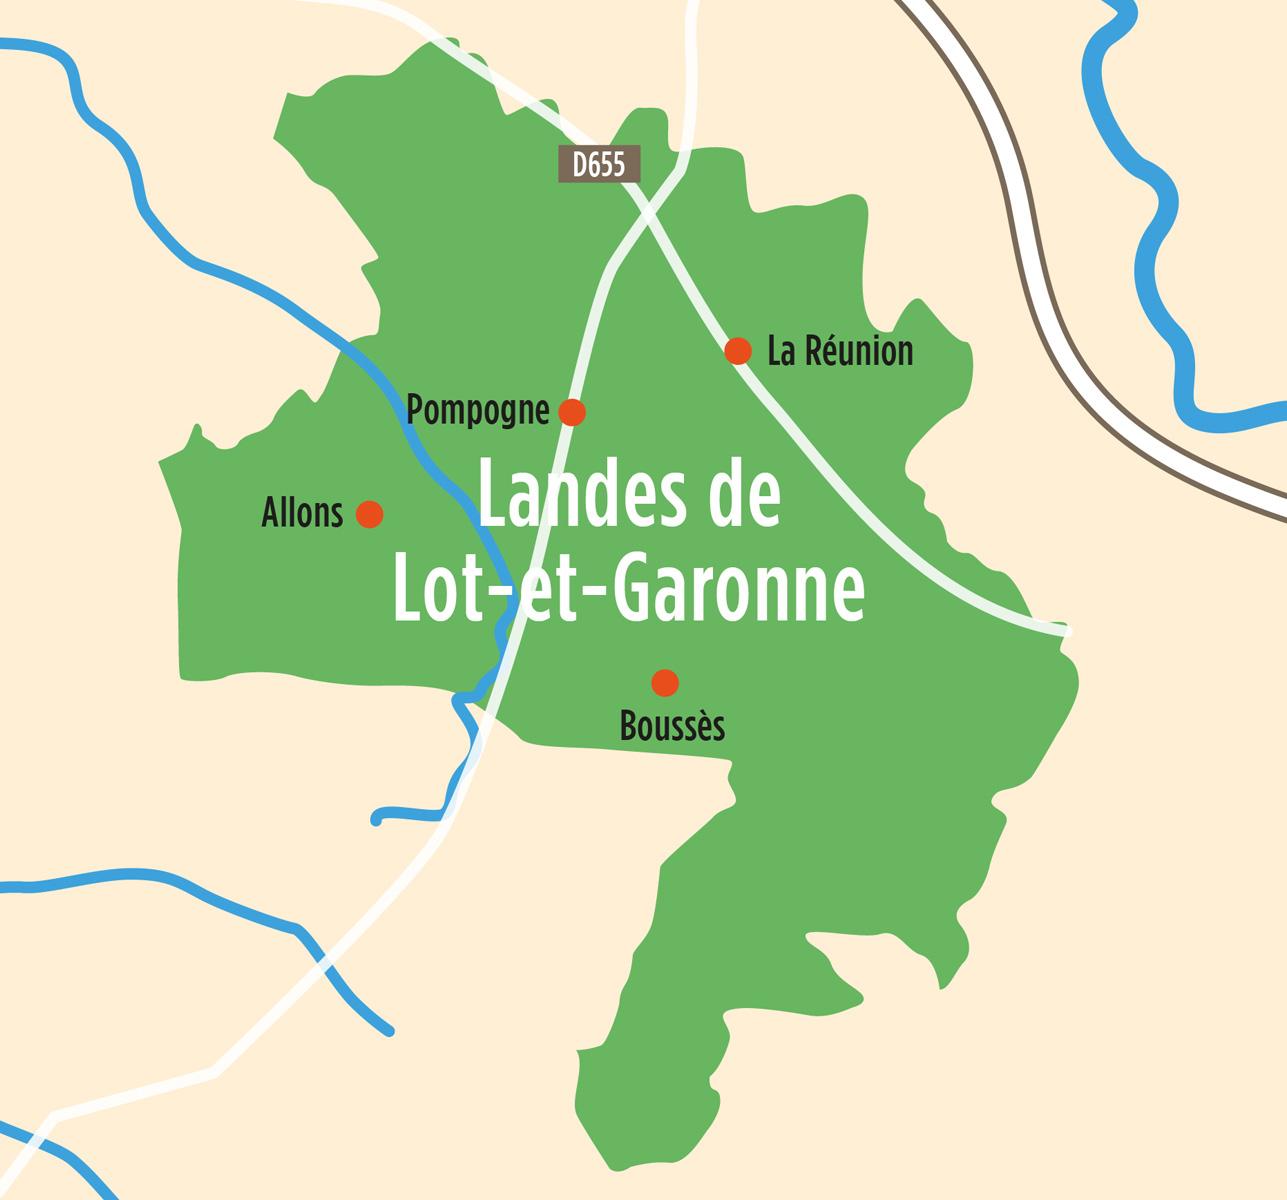 Landes de Lot-et-Garonne